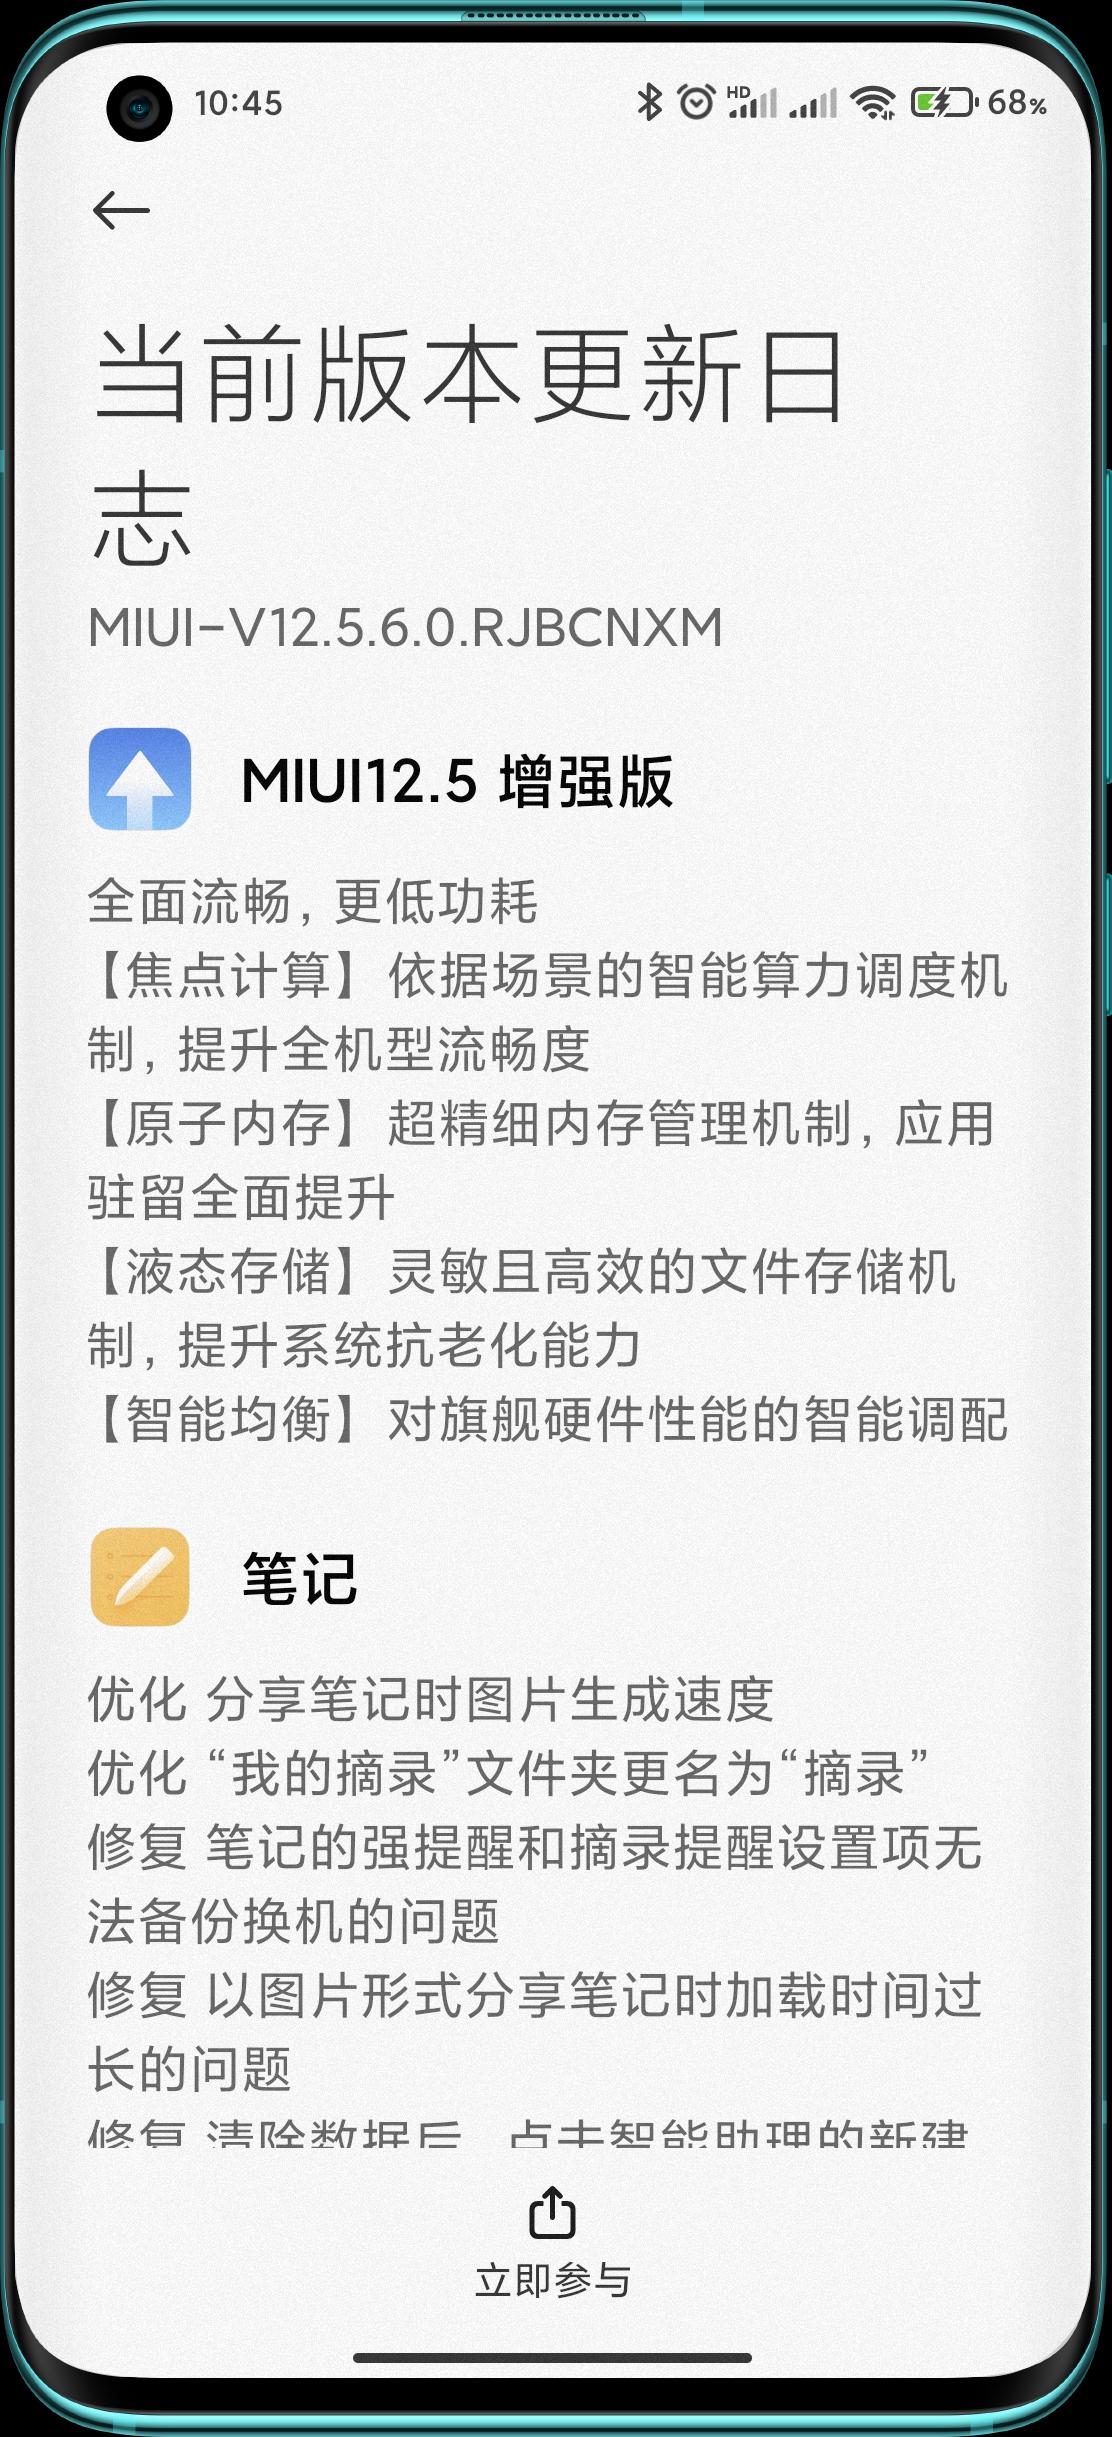 MIUI 12.5 增强版 手动更新教程(以小米10手机为例) - 2772553a13ae4106acfe2ec7fec74ff9